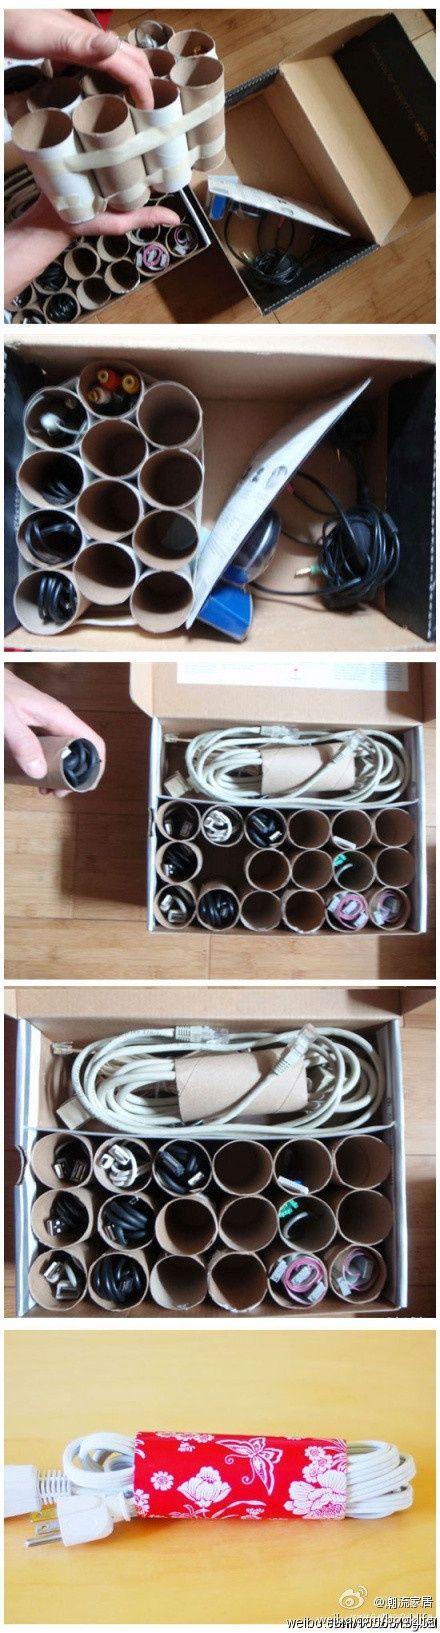 Toilet paper rolls to organize cords and electronics / Toiletpapirruller til organisering af ledninger og elektronik.